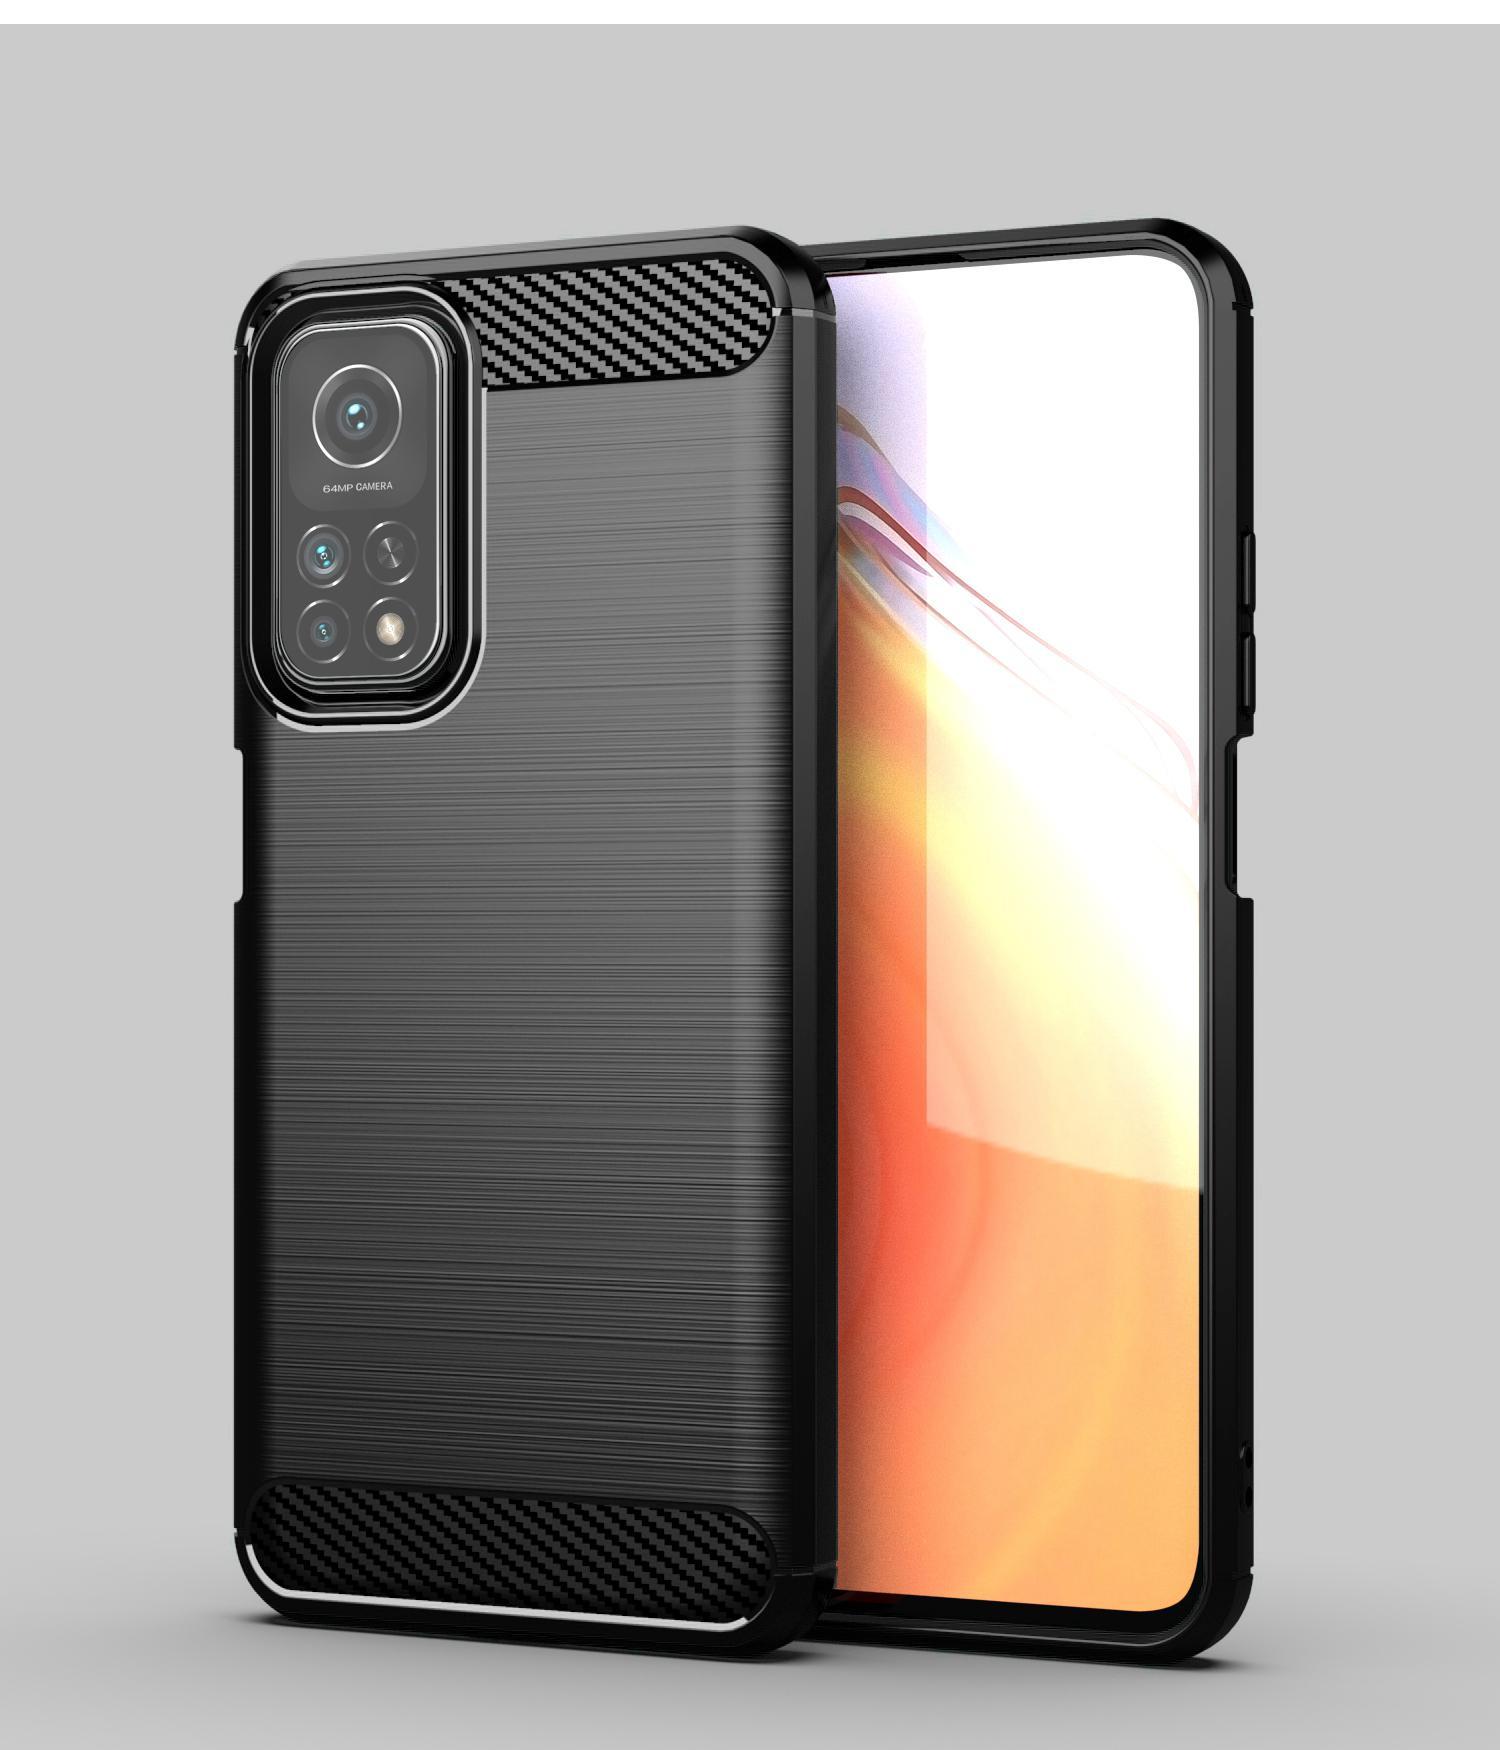 1.5mm tekstury włókna węglowego Slim Armor Szczotki TPU Case Pokrywa dla Xiaomi 11 10i 5g Redmi K30 Pro Uwaga 9T Redmi 9T 100 sztuk / partia